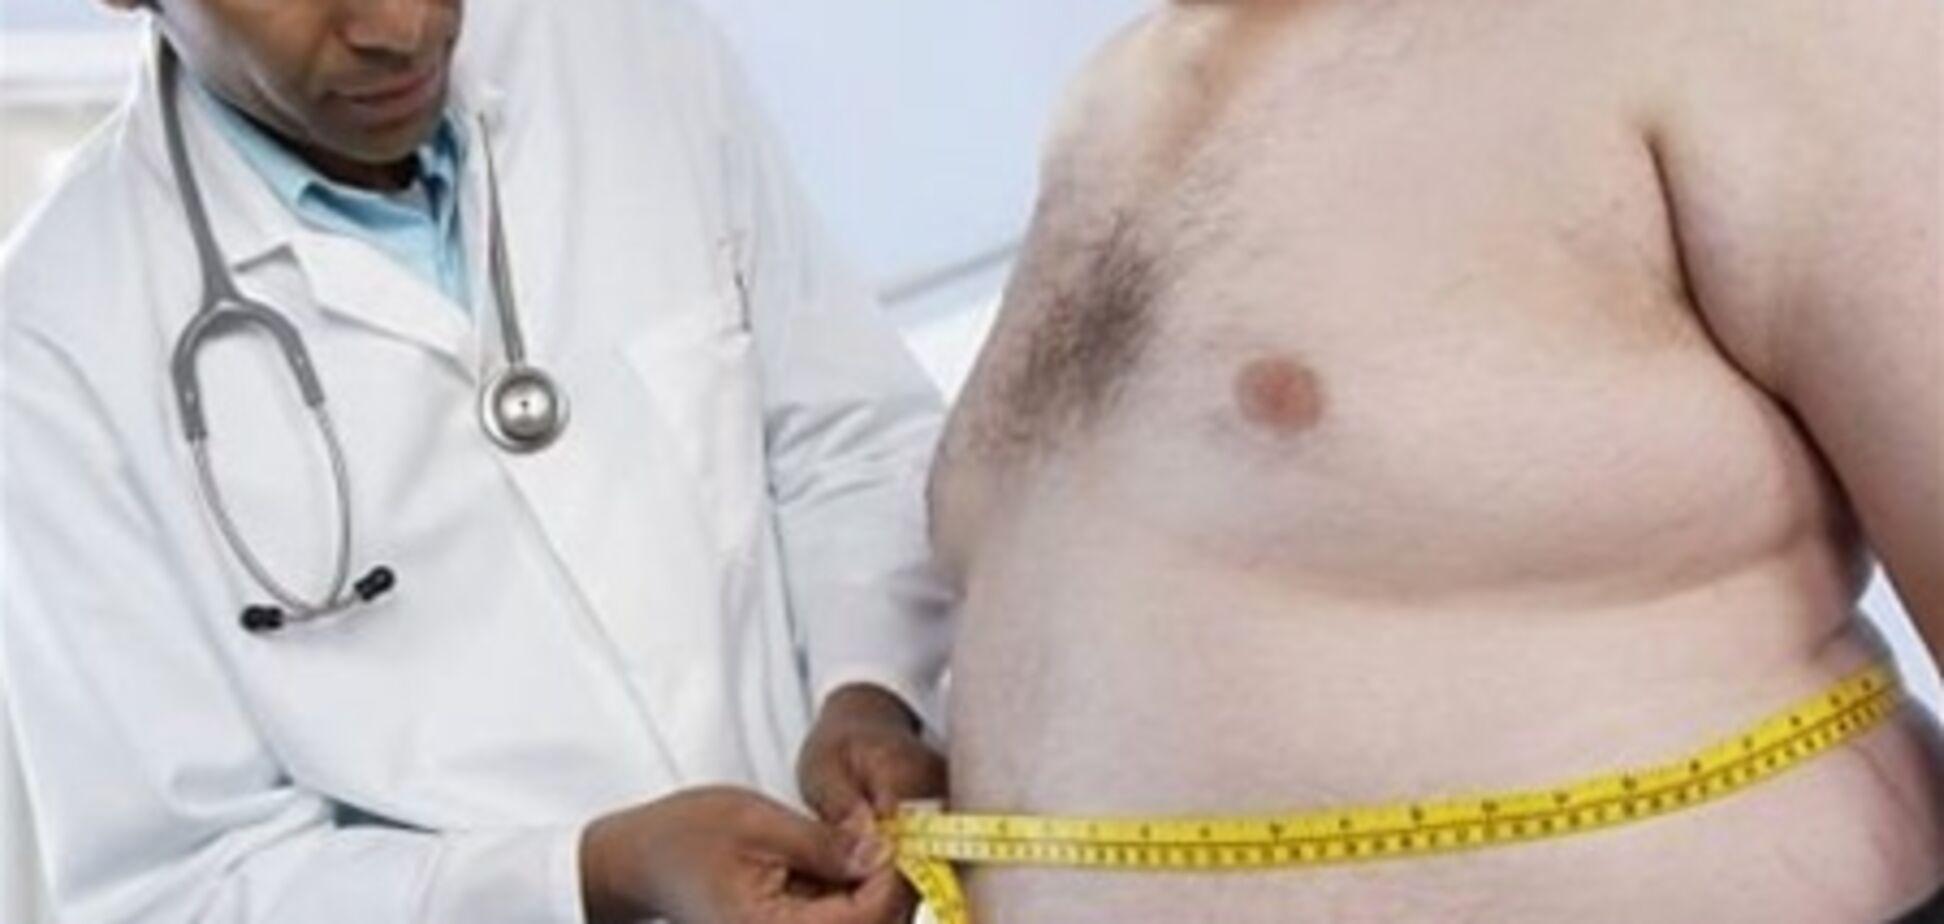 Жир на животе ведет к внутренним кровотечениям